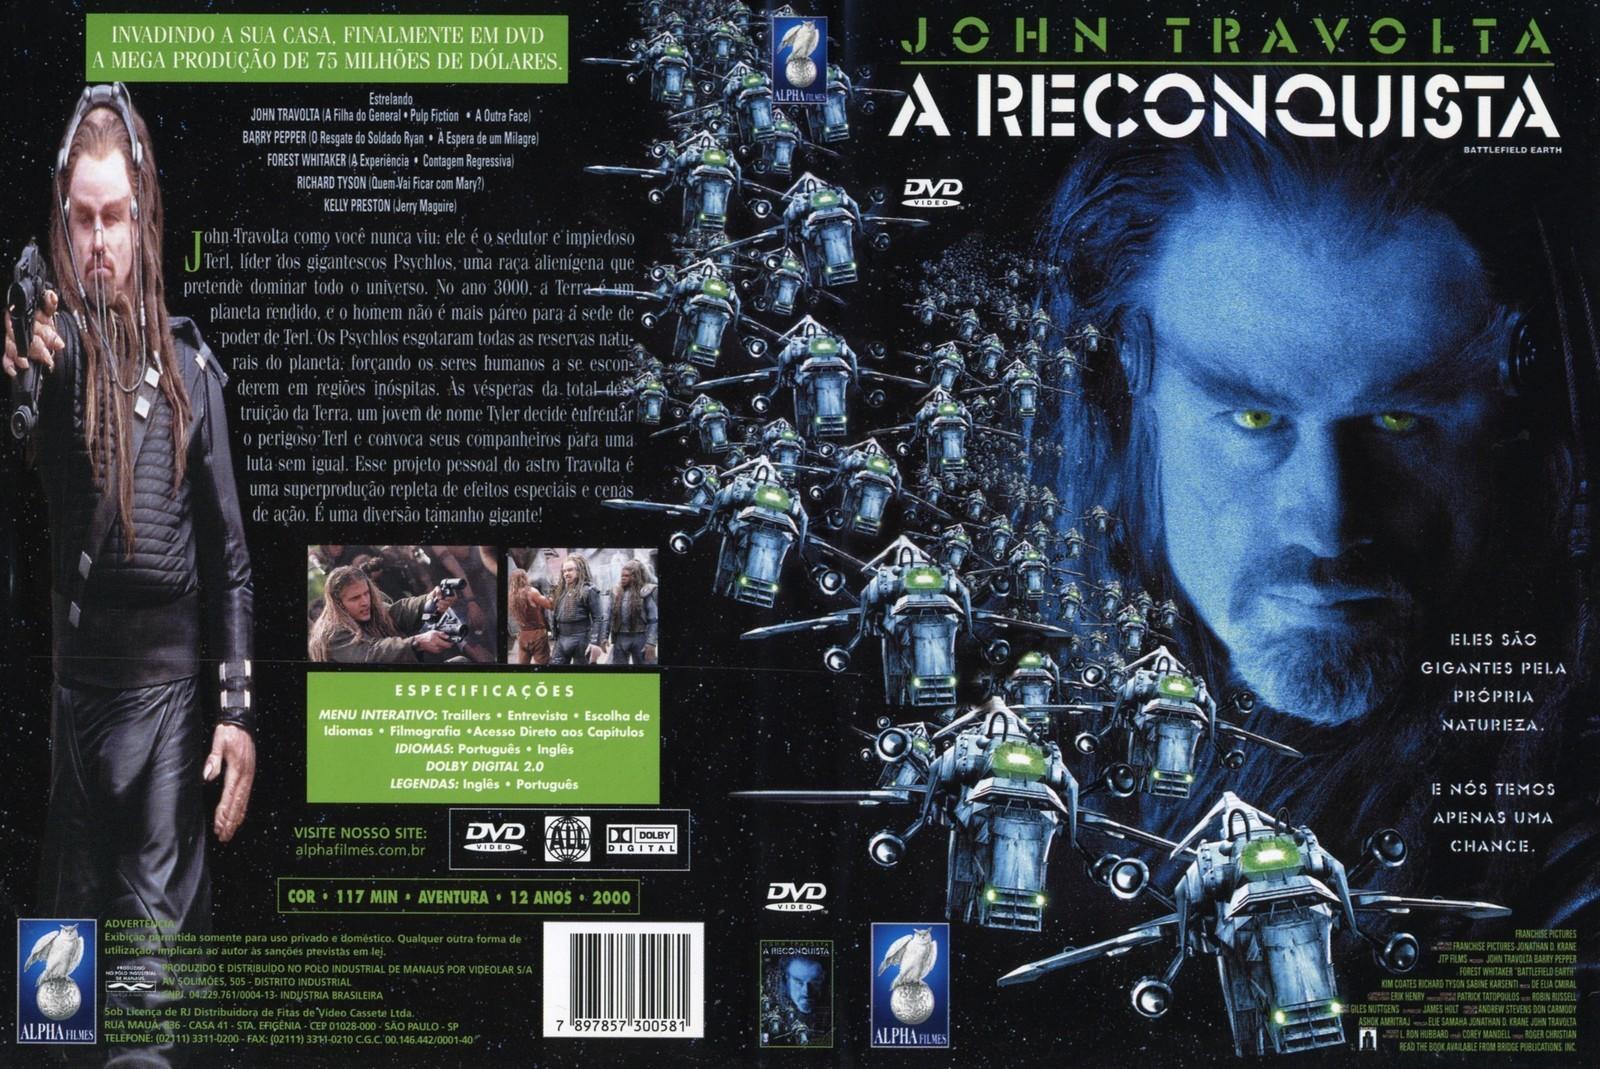 http://2.bp.blogspot.com/_pnOdTUC4iSY/TOaFJpMbZvI/AAAAAAAAARs/q4jAMa4Ry_c/s1600/A-Reconquista.jpg